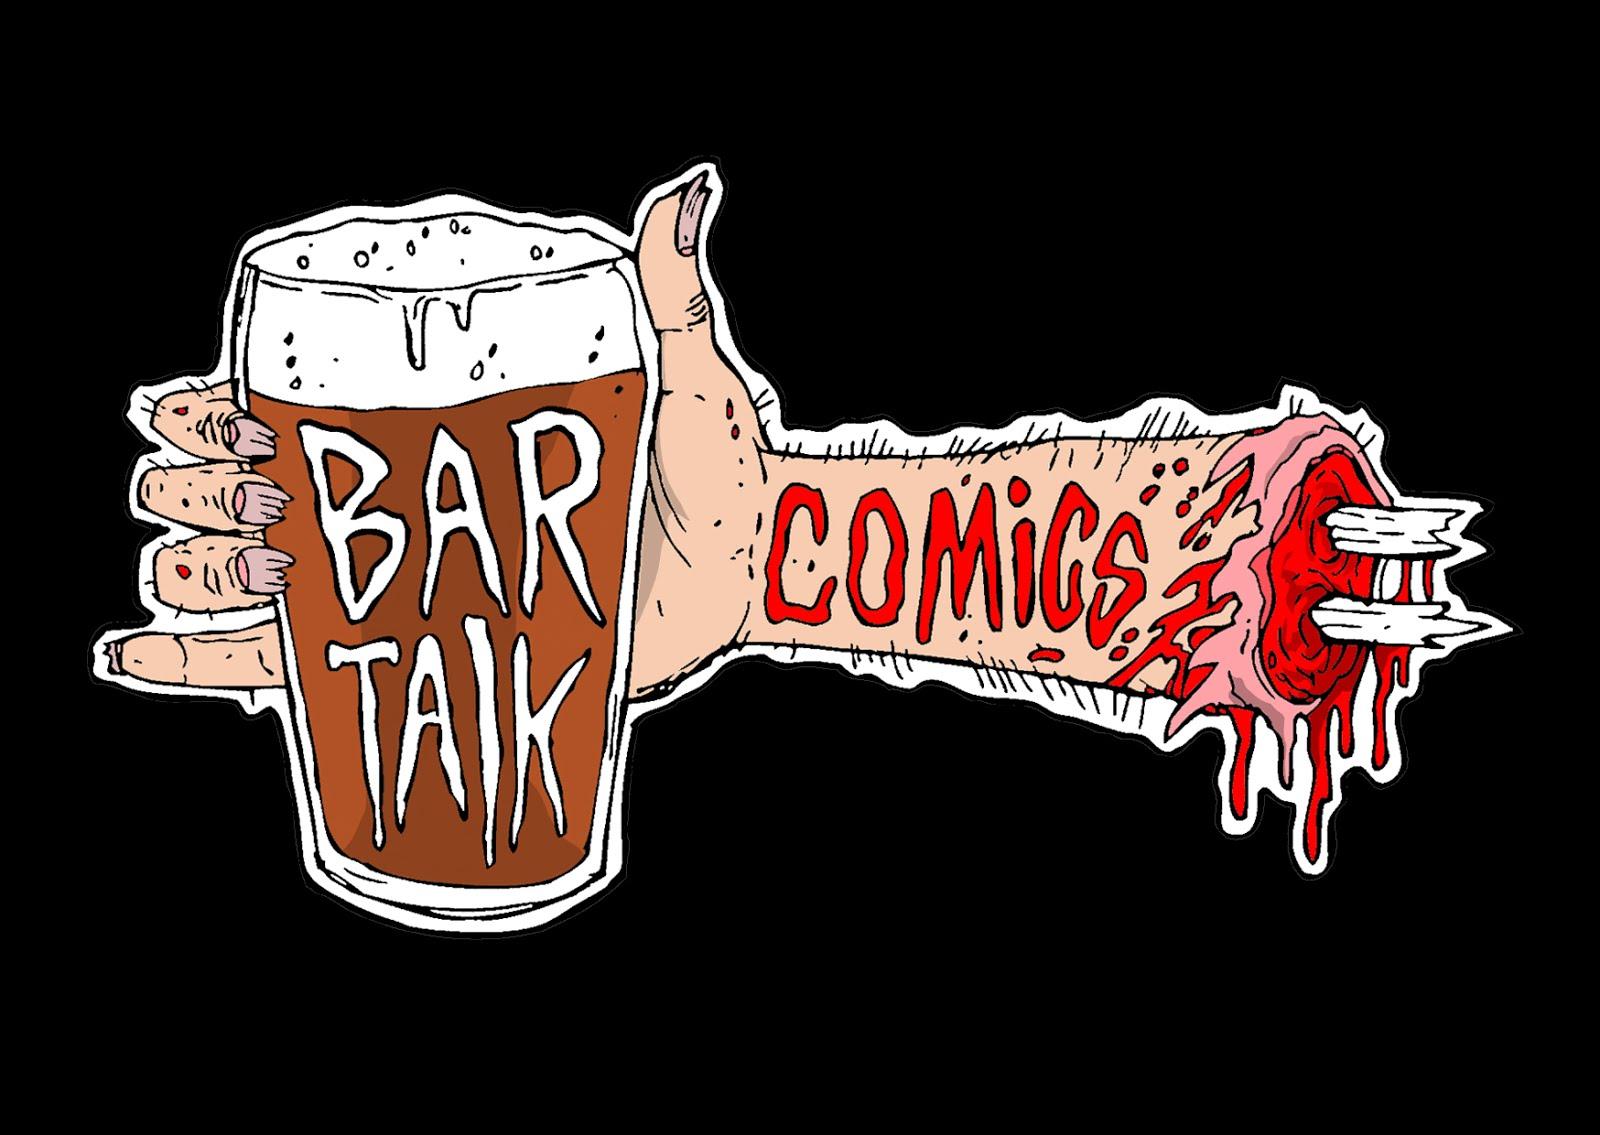 Bar Talk Comics